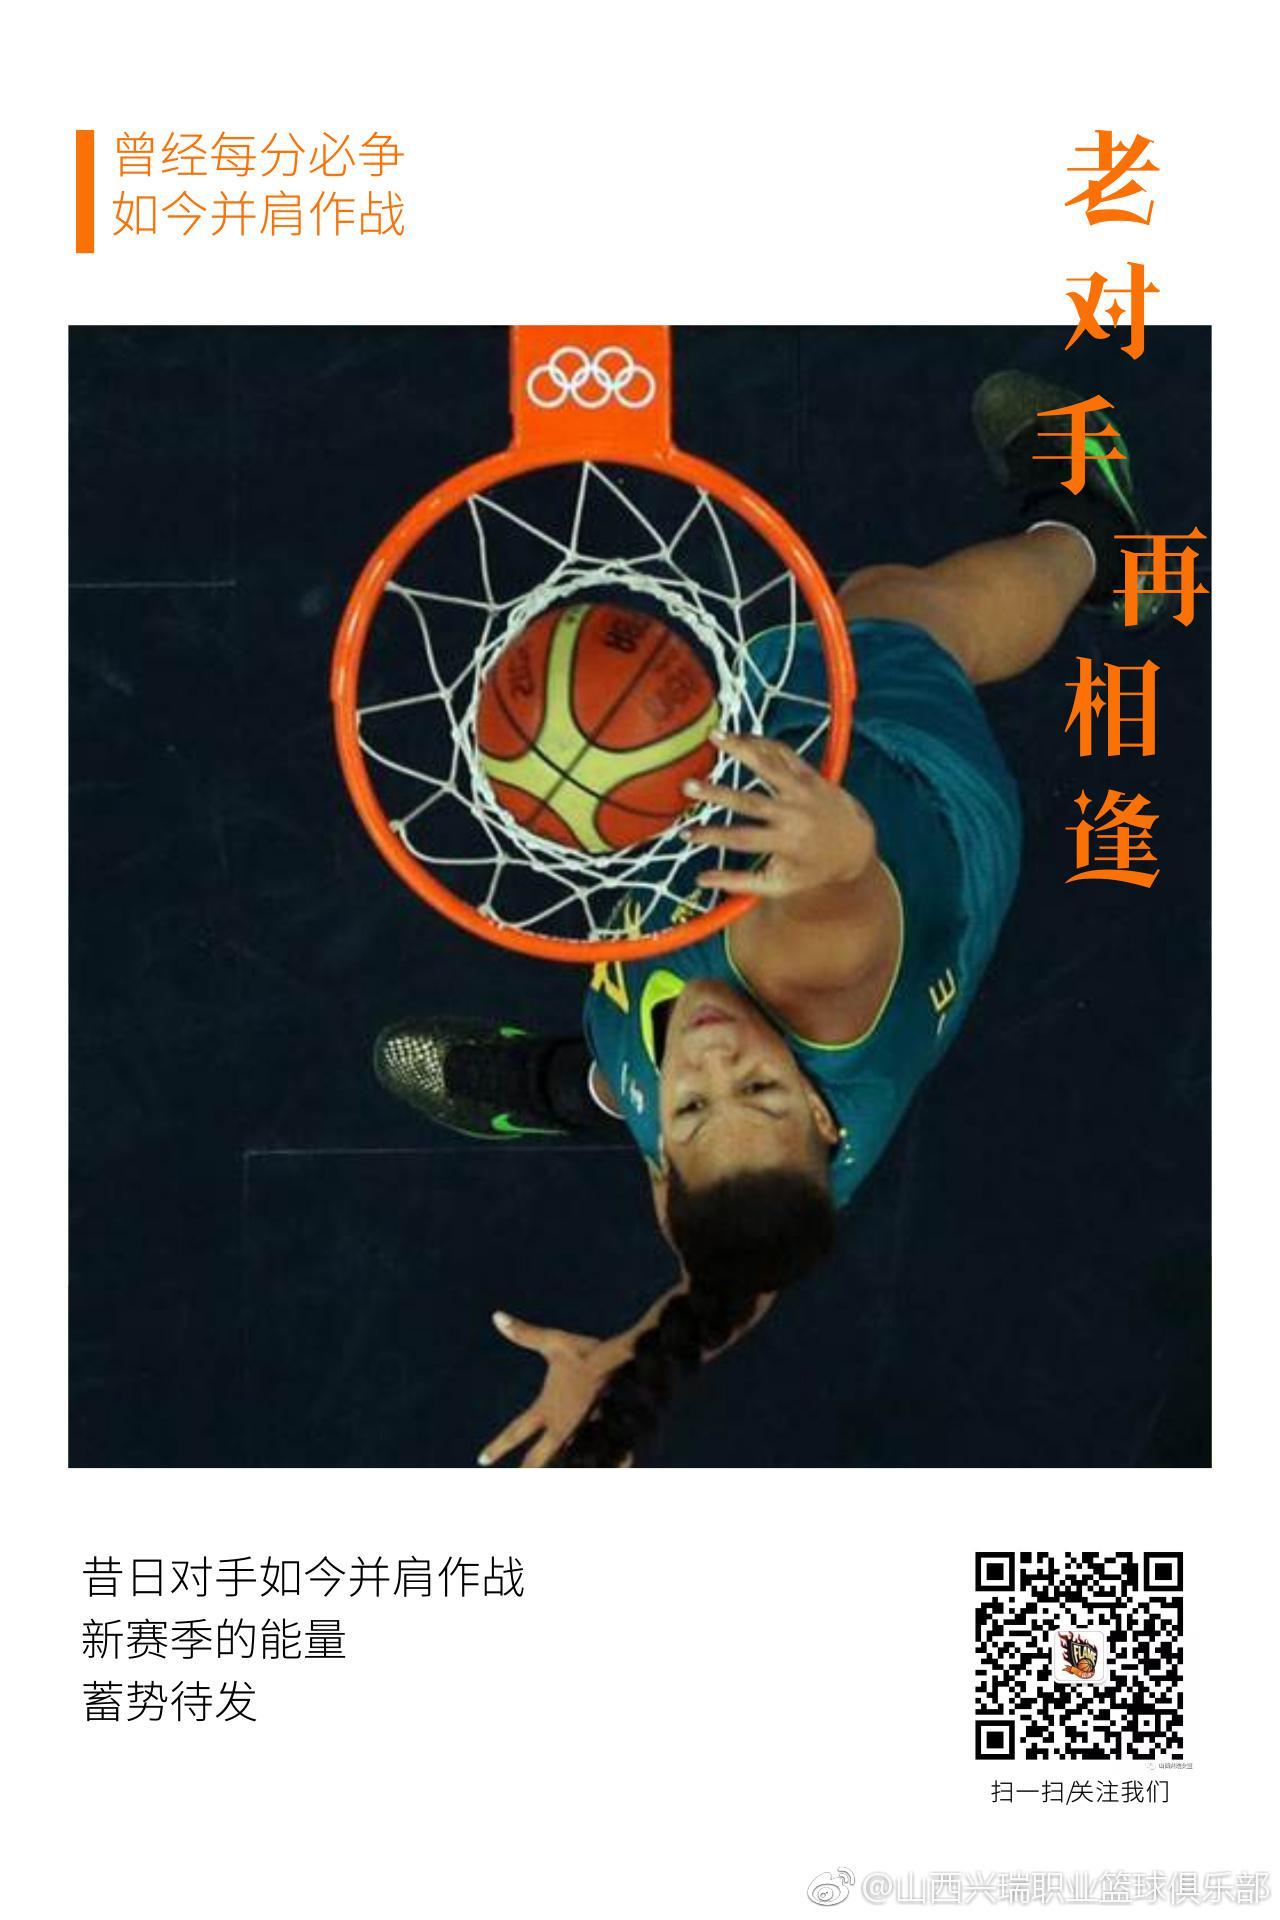 山西女篮签下澳洲第一女中锋 曾在奥运会完成暴扣